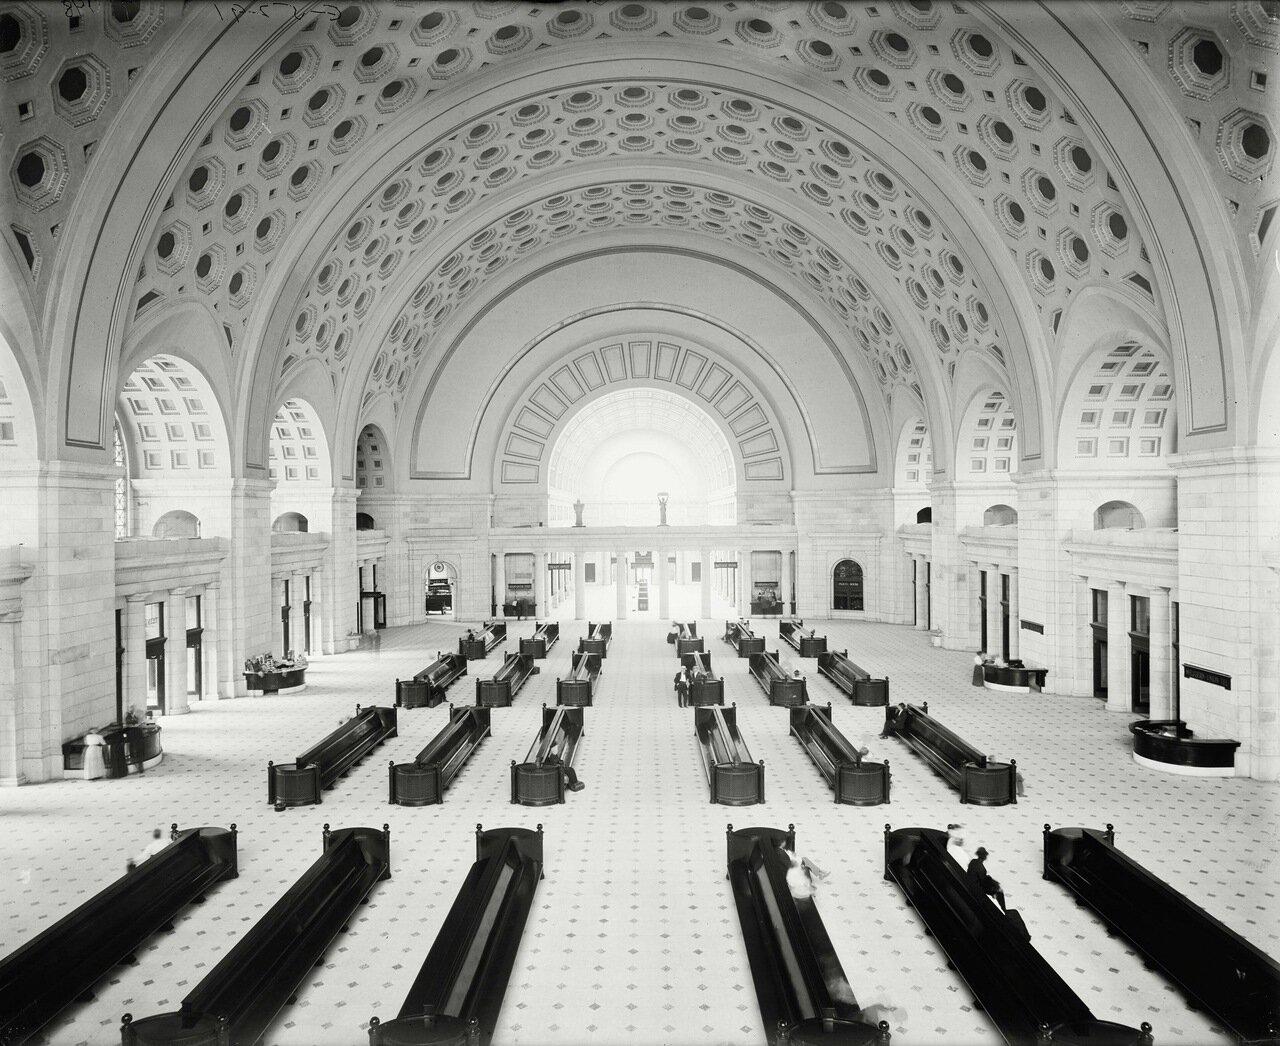 Большой зал Юнион Стейшн в Вашингтоне, примерно 1905-10 гг.